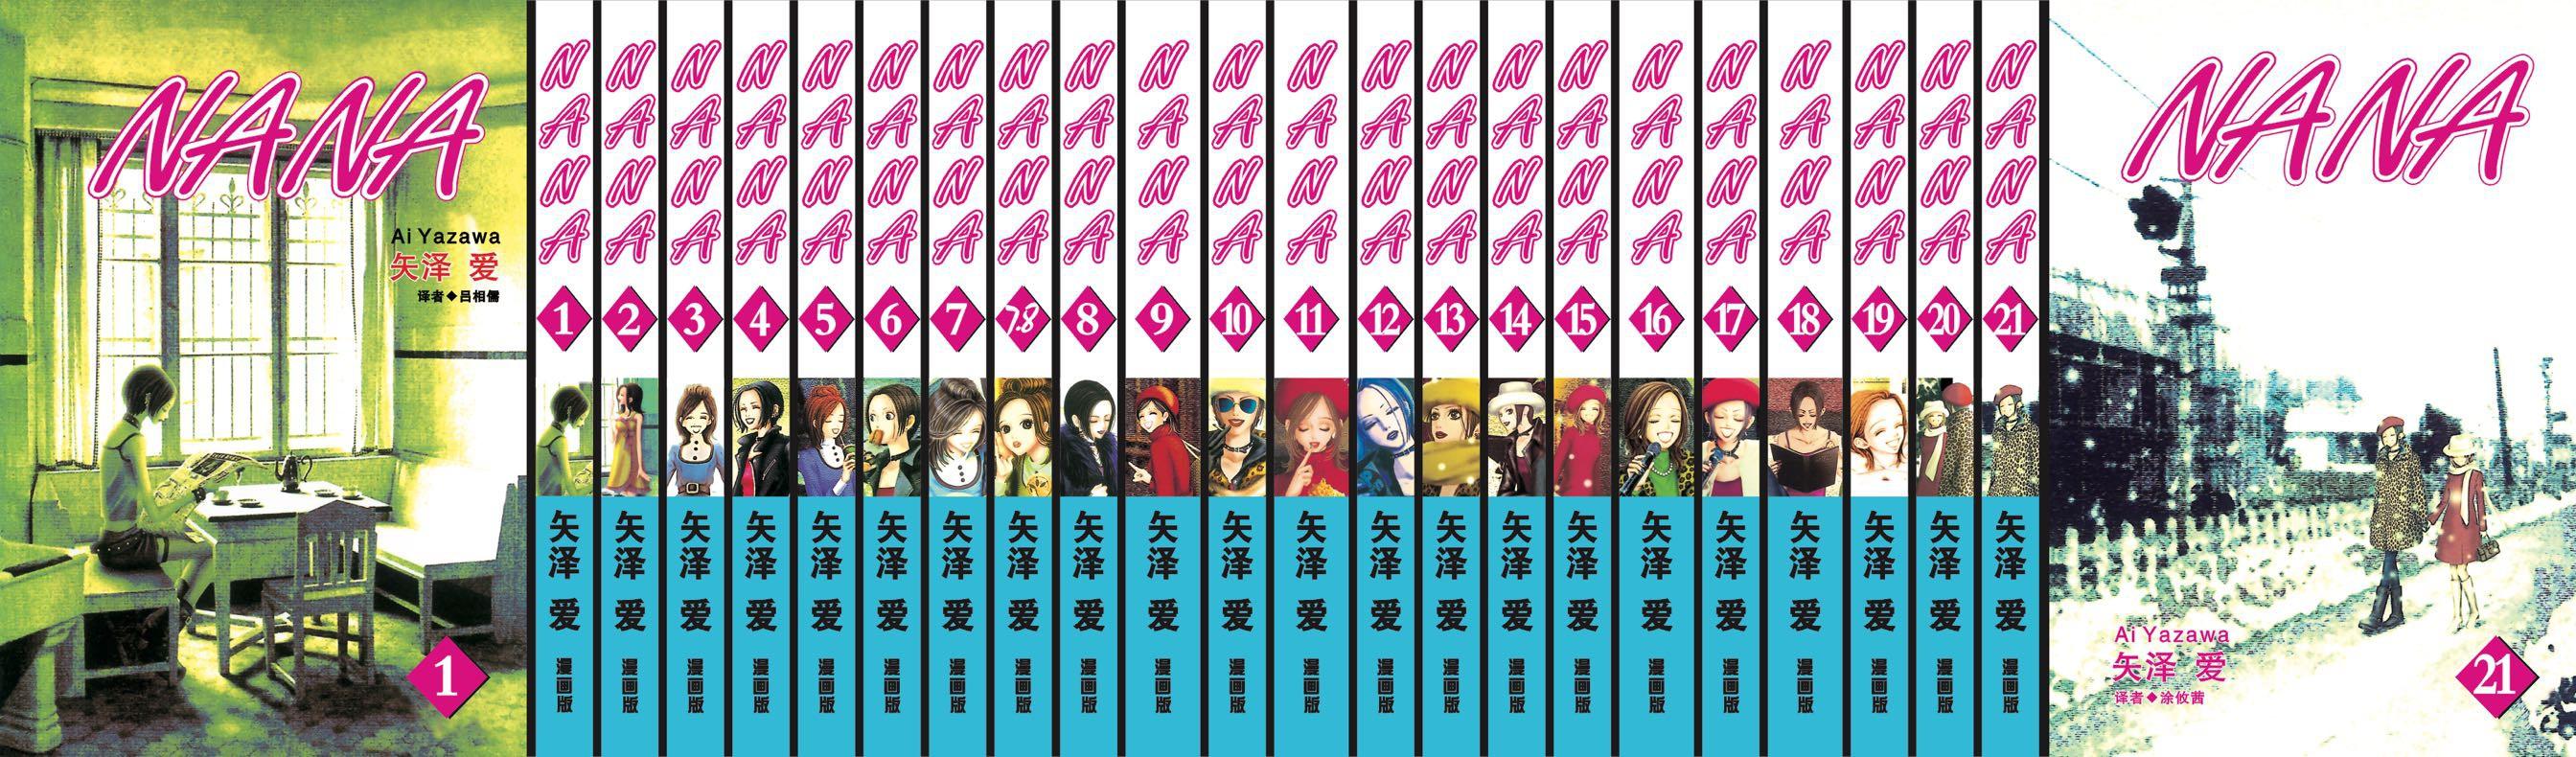 NANA娜娜1-21+7.8矢澤愛世界上的另一個我22本六張贈品漫畫卡現貨